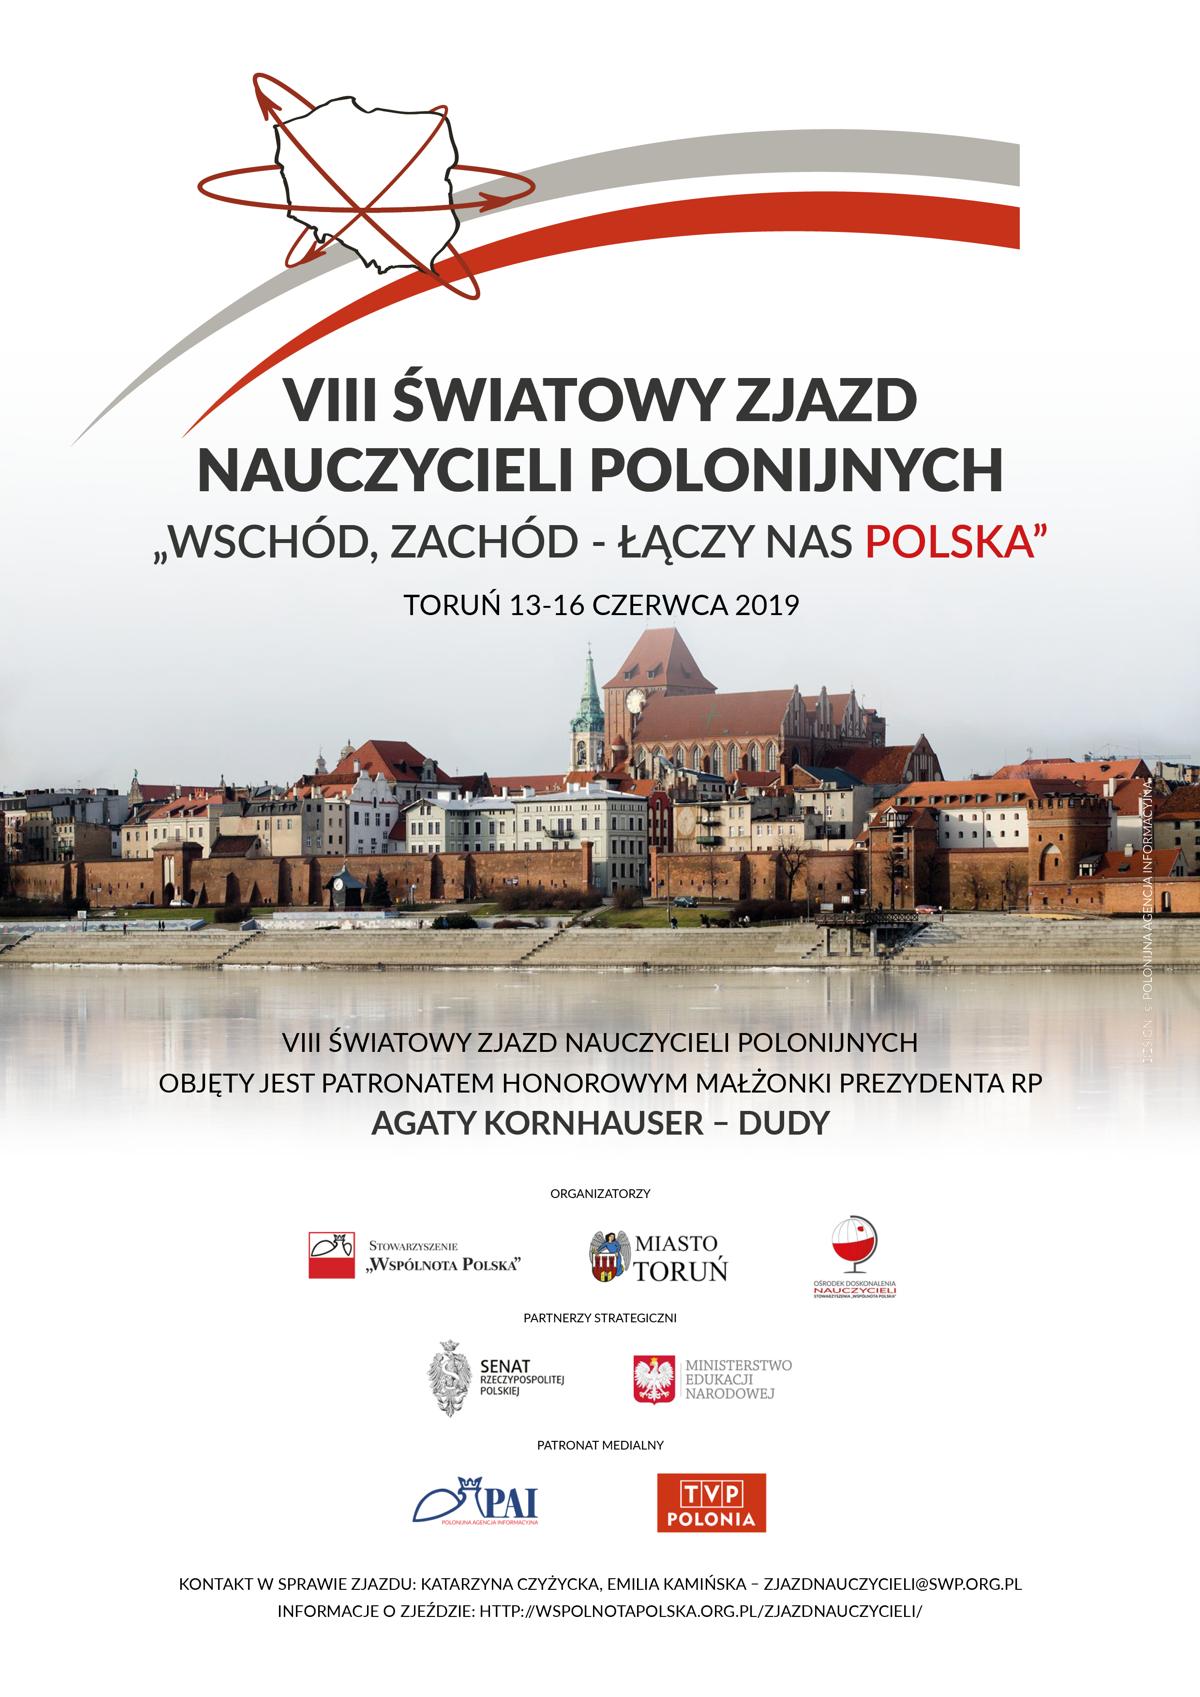 Swiatowy Zjazd Nauczycieli Polonijnych w Toruniu